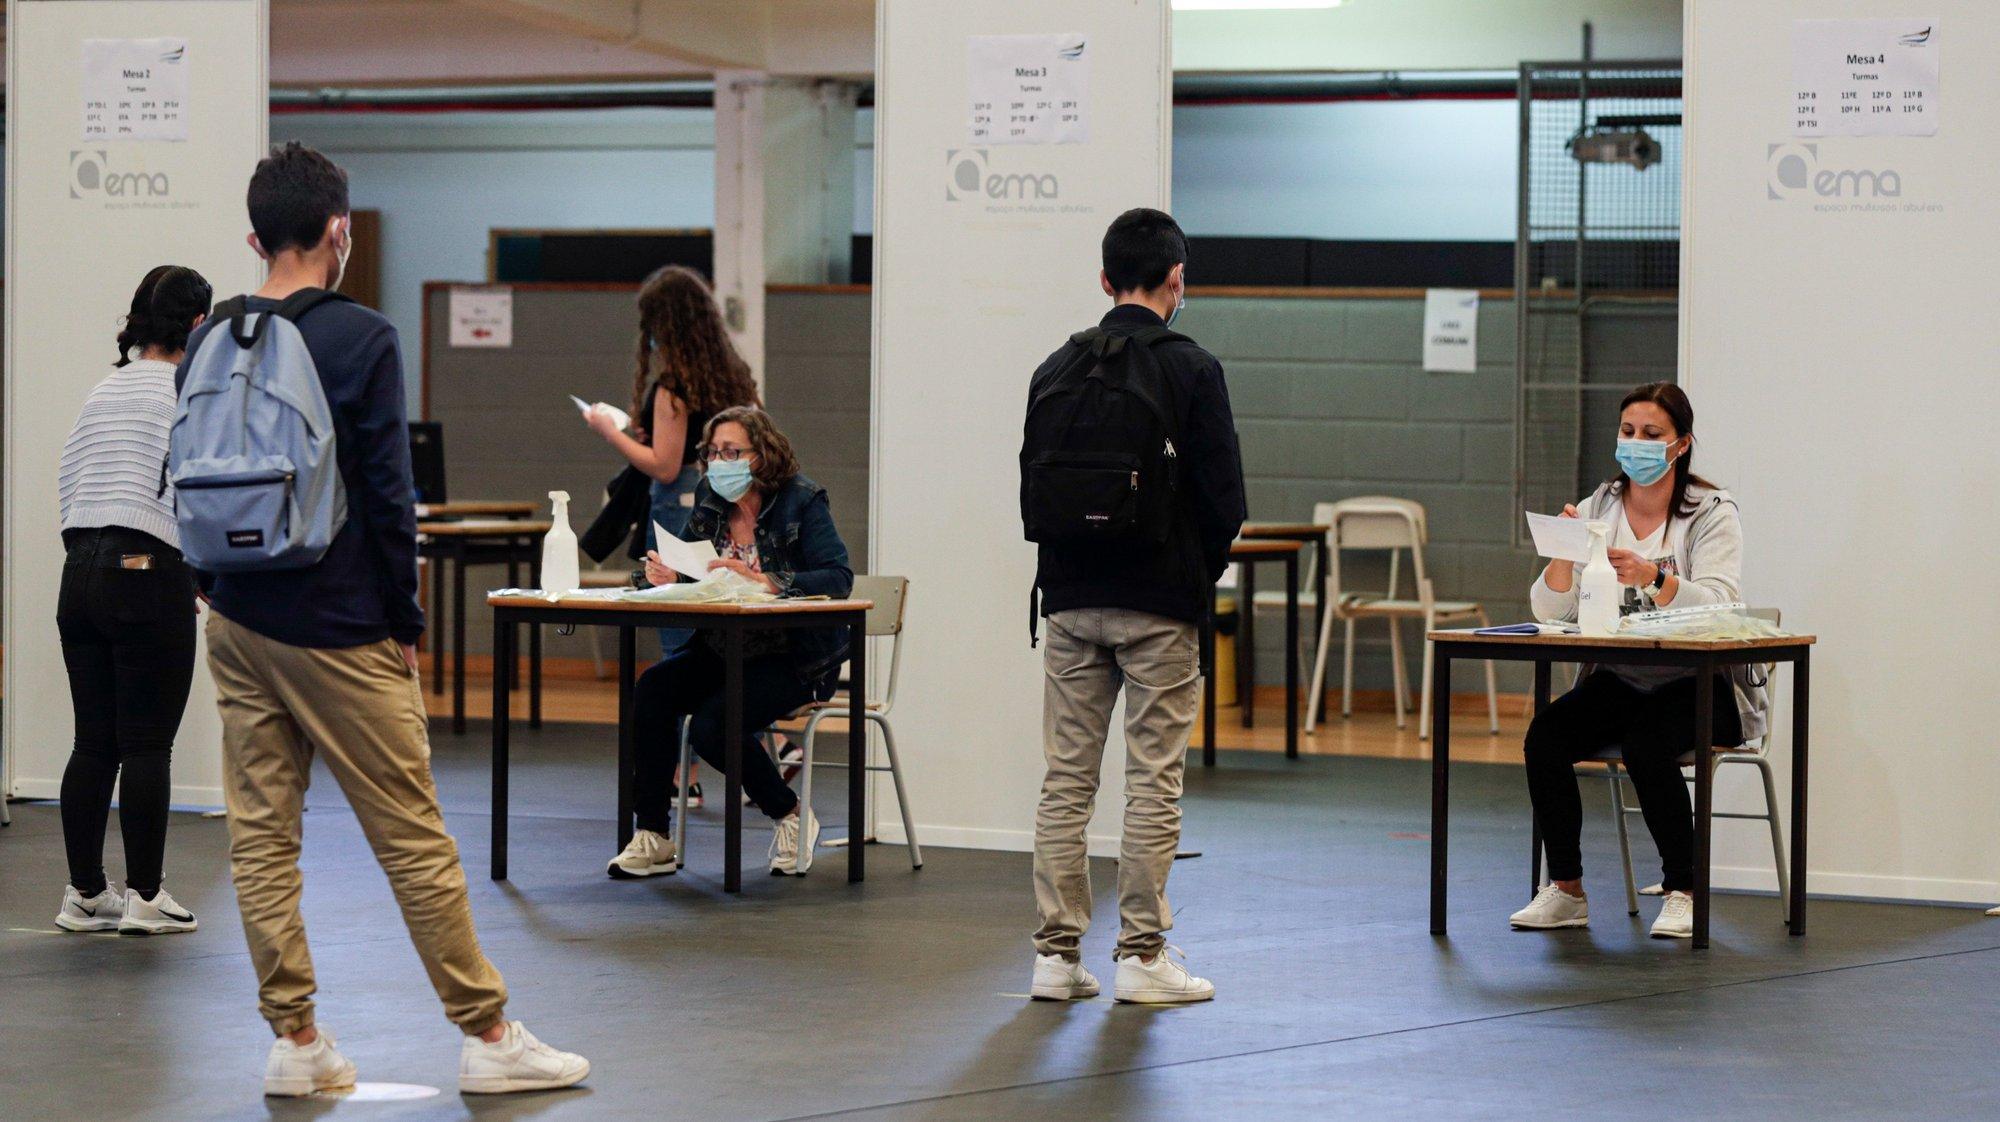 Alunos esperam para ser testados numa escola, no dia do regresso às aulas do ensino secundário, no âmbito das novas medidas de desconfinamento relacionadas com a pandemia da covid-19, em Albufeira, 19 de abril de 2021. Portugal inicia hoje a terceira fase do desconfinamento com a reabertura de mais escolas, lojas, restaurantes e cafés, um levantamento de restrições que não é acompanhado nos 10 concelhos onde a incidência da covid-19 é maior. LUÍS FORRA/LUSA